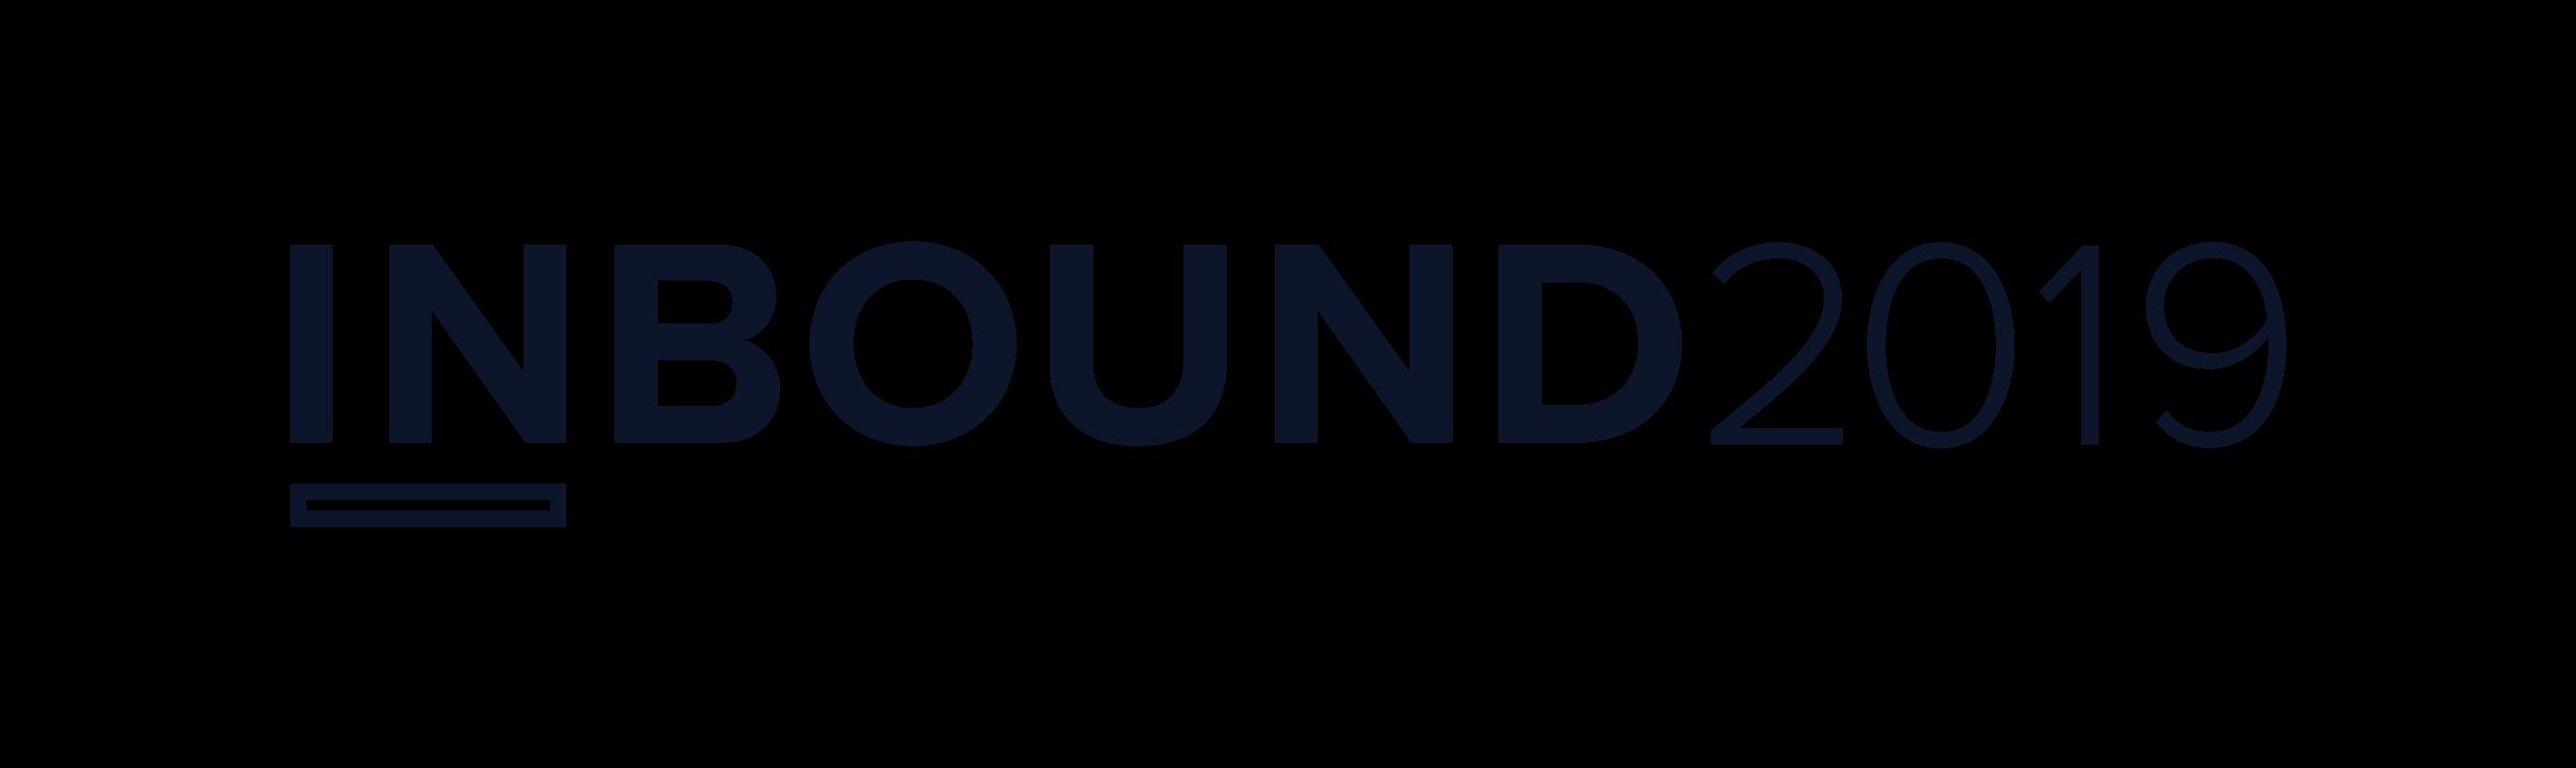 INBOUND_2019_Logo_Year2019_RGB